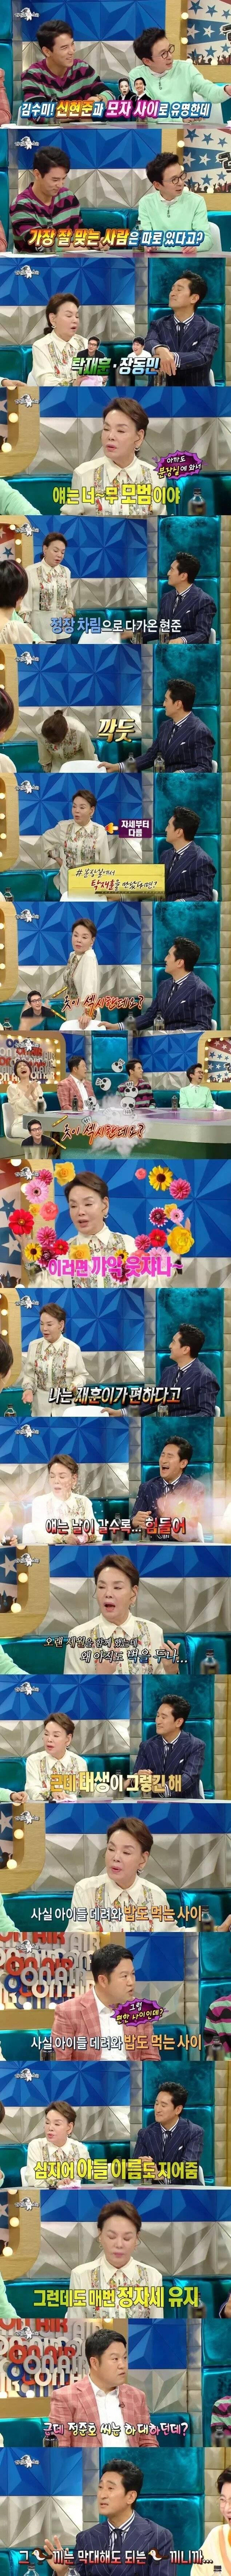 신현준이 불편한 김수미 | 인스티즈